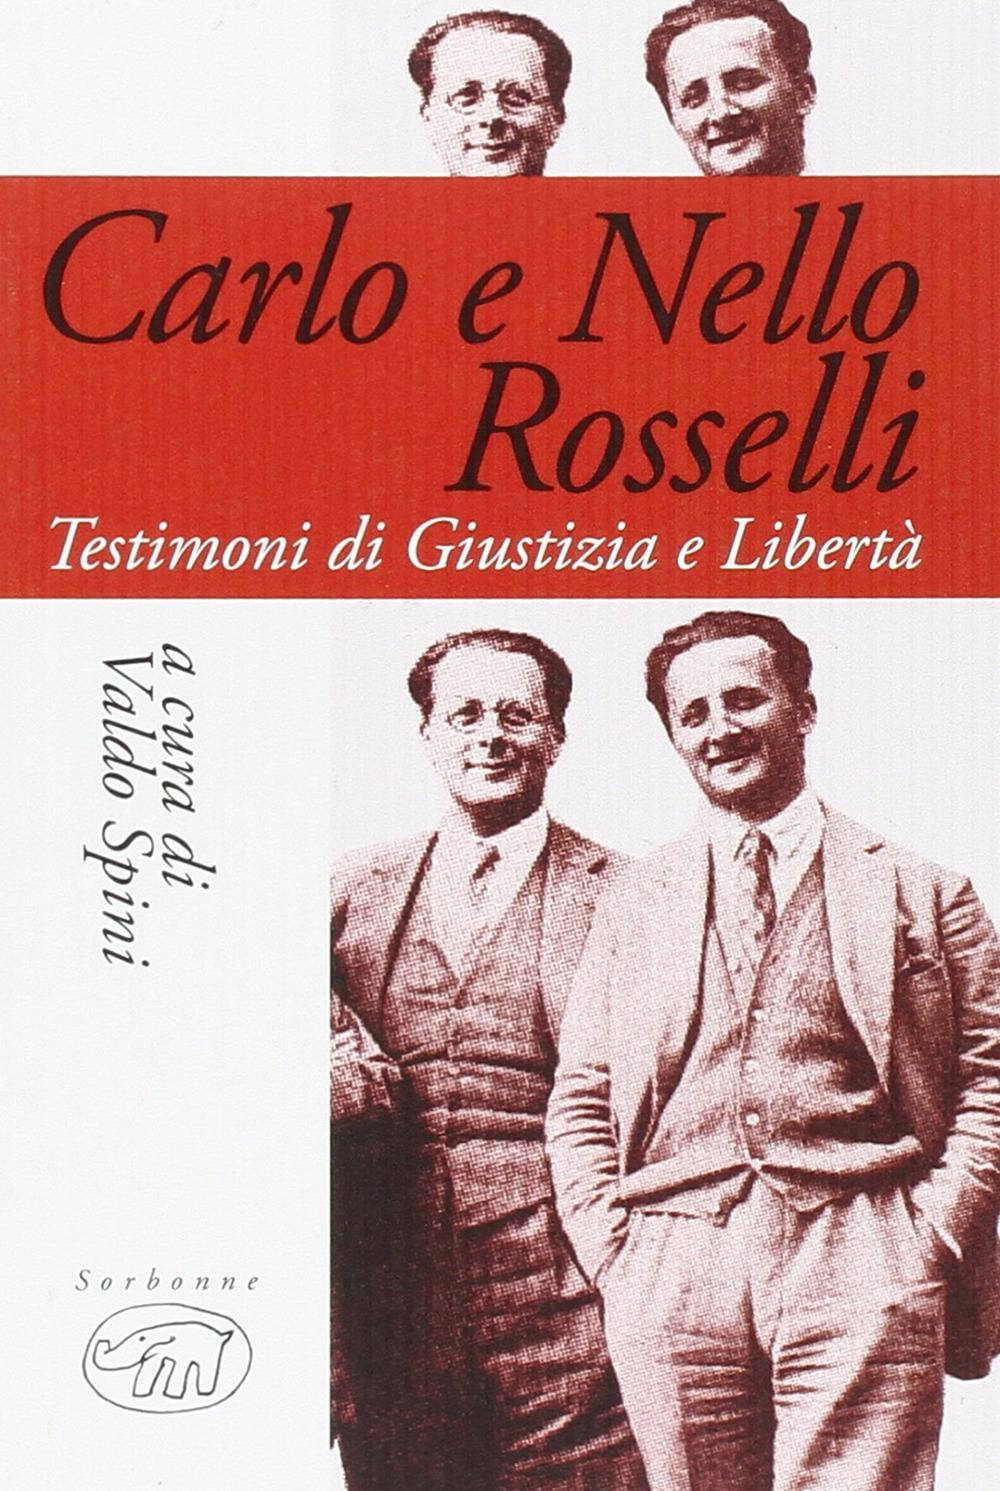 Carlo e Nello Rosselli. Testimoni di giustizia e libertà